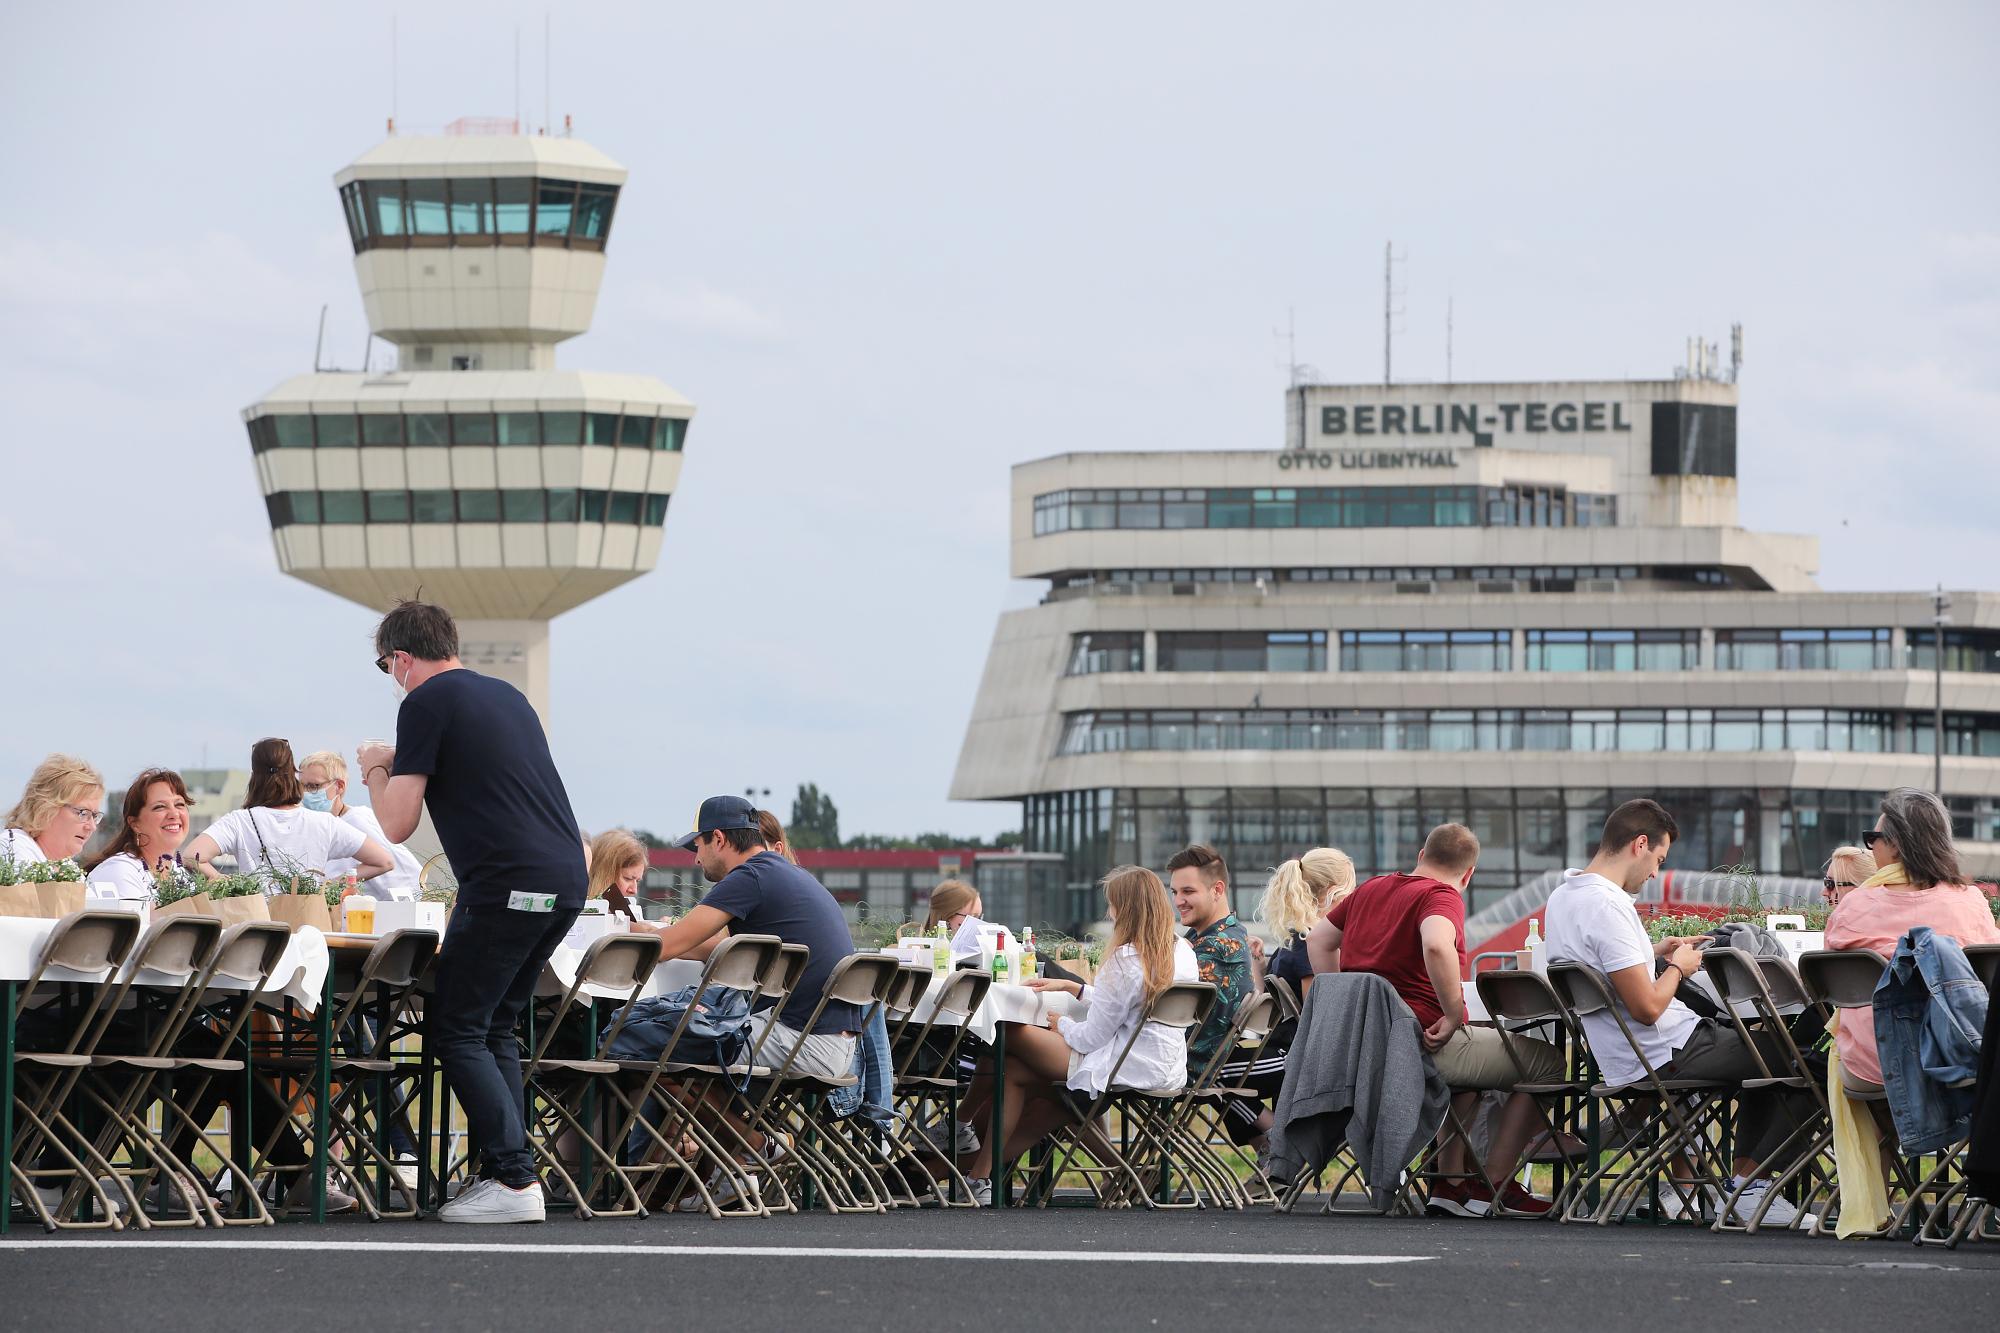 Berlin bringt sich als Tourismus- und Messestandort wieder ins Spiel